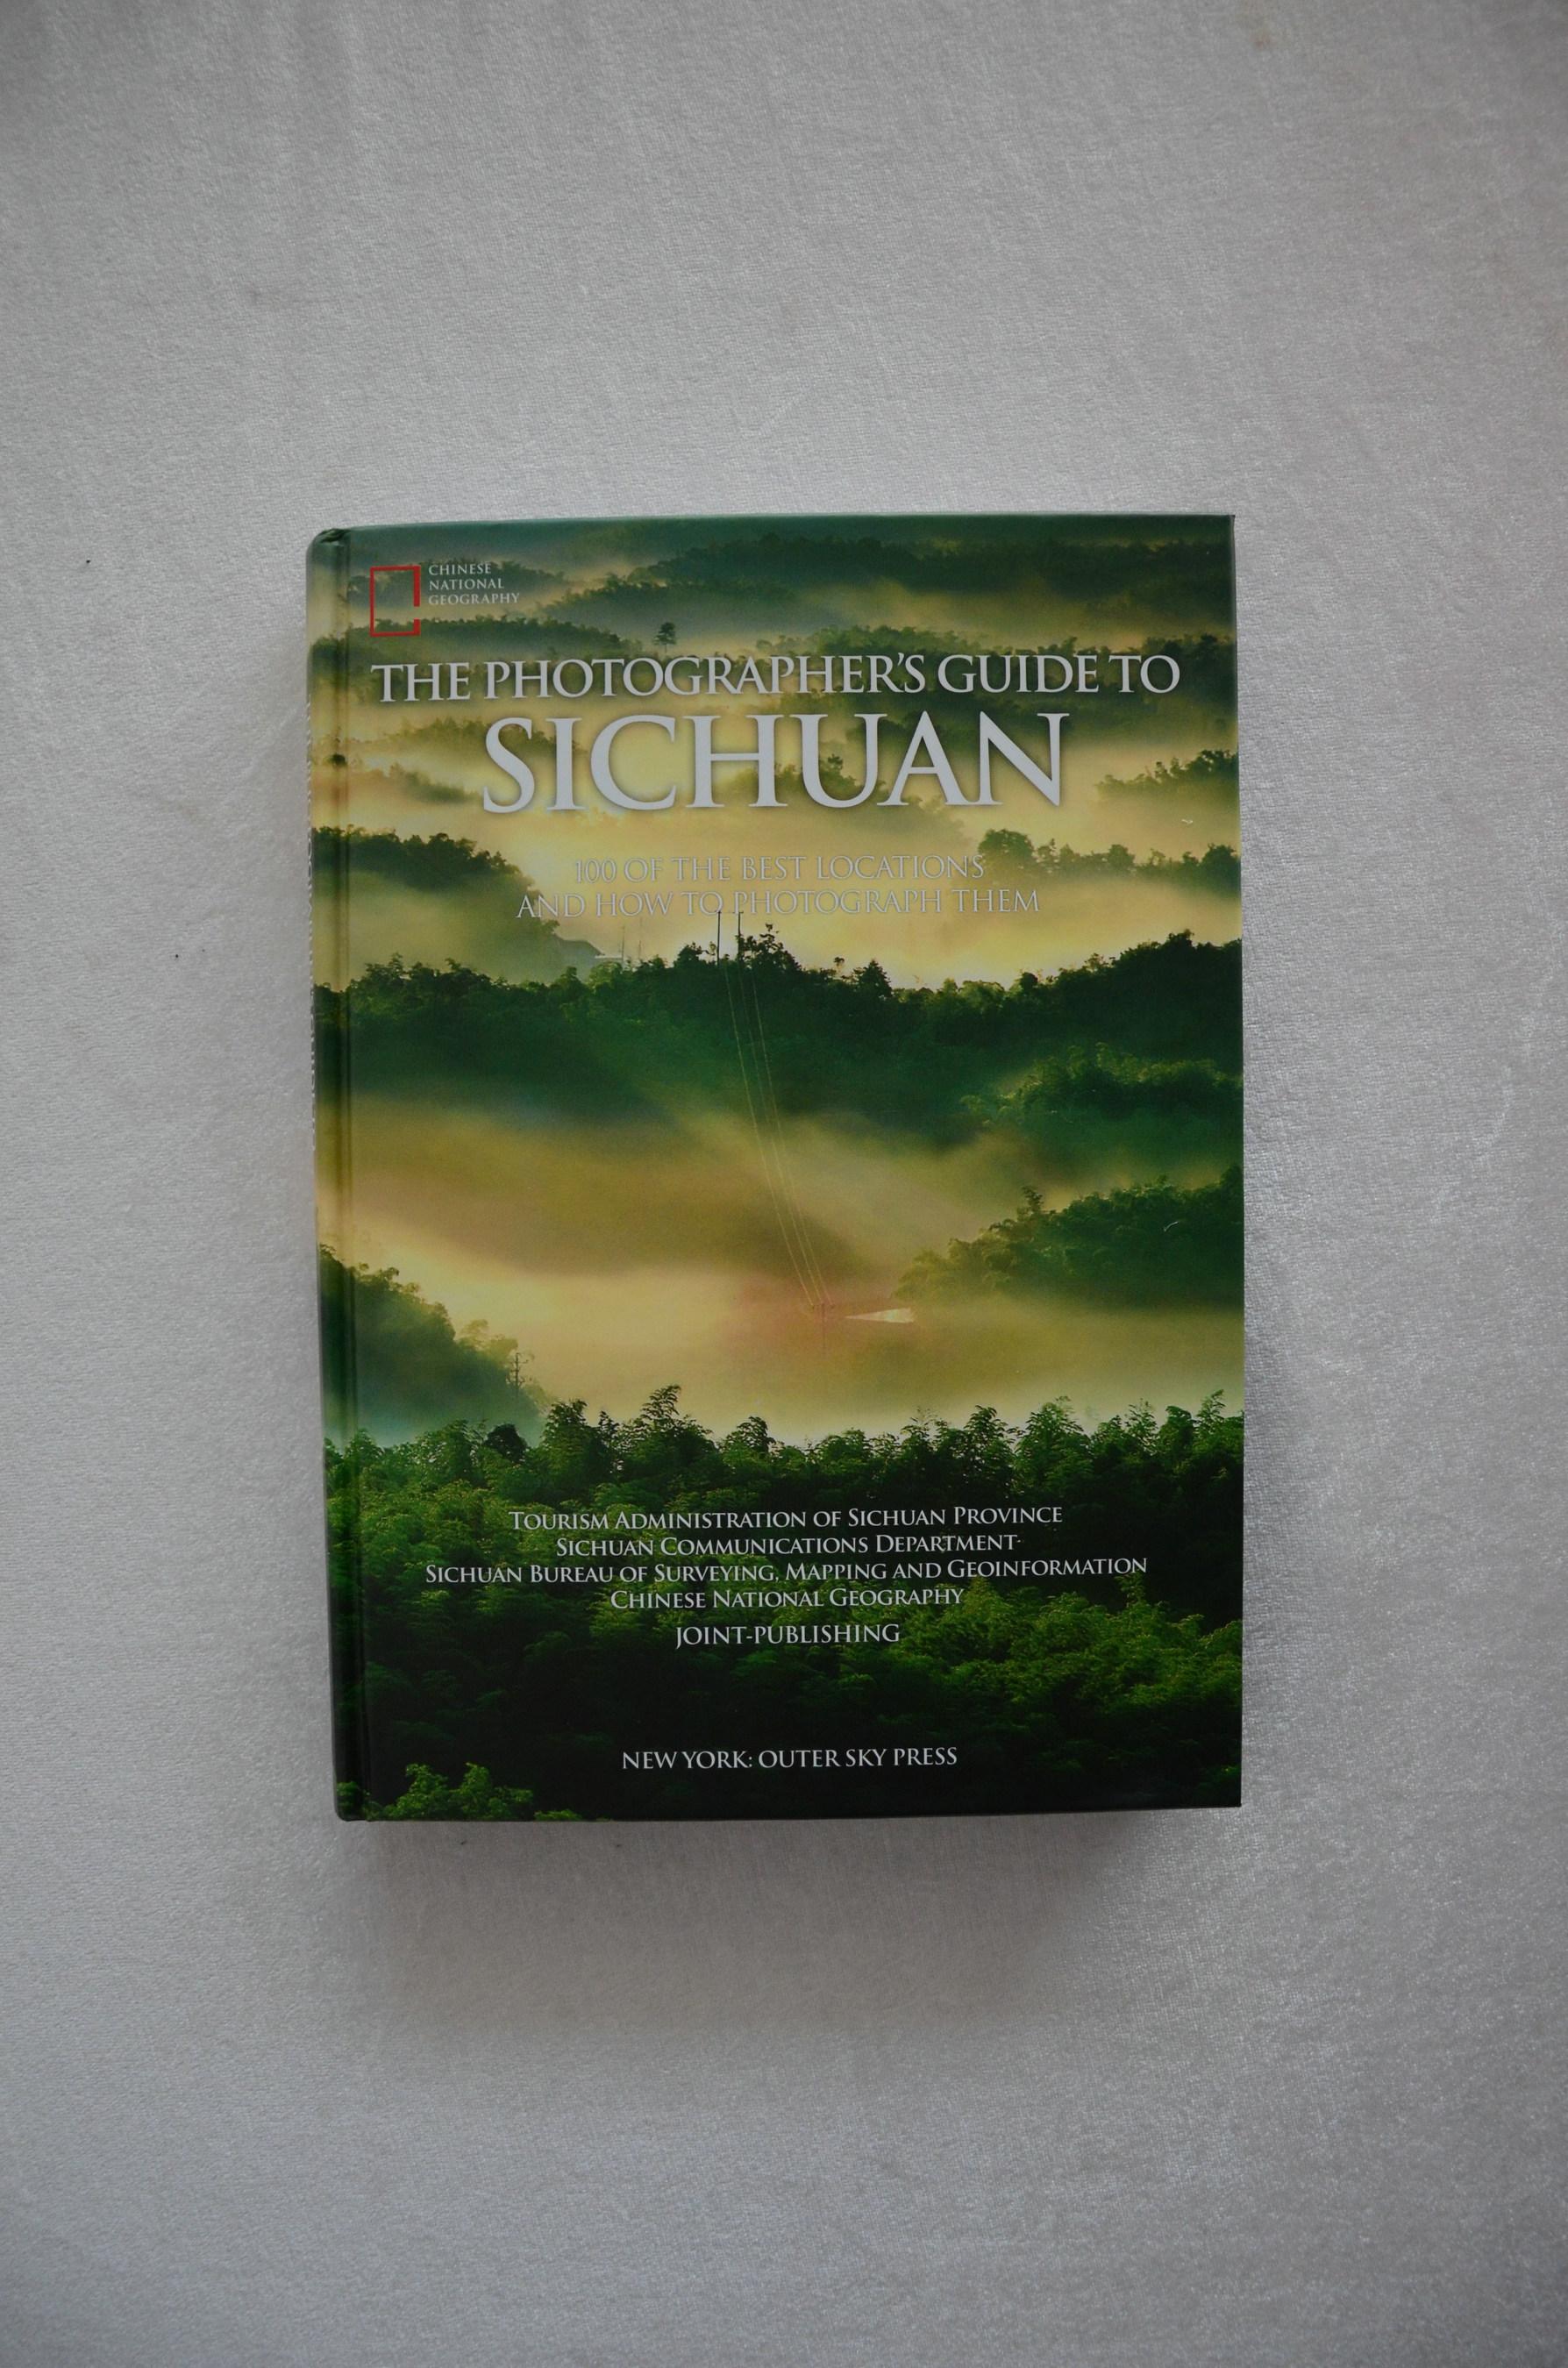 La version anglaise du livre The Photographer's Guide to Sichuan est lancée à Shanghai